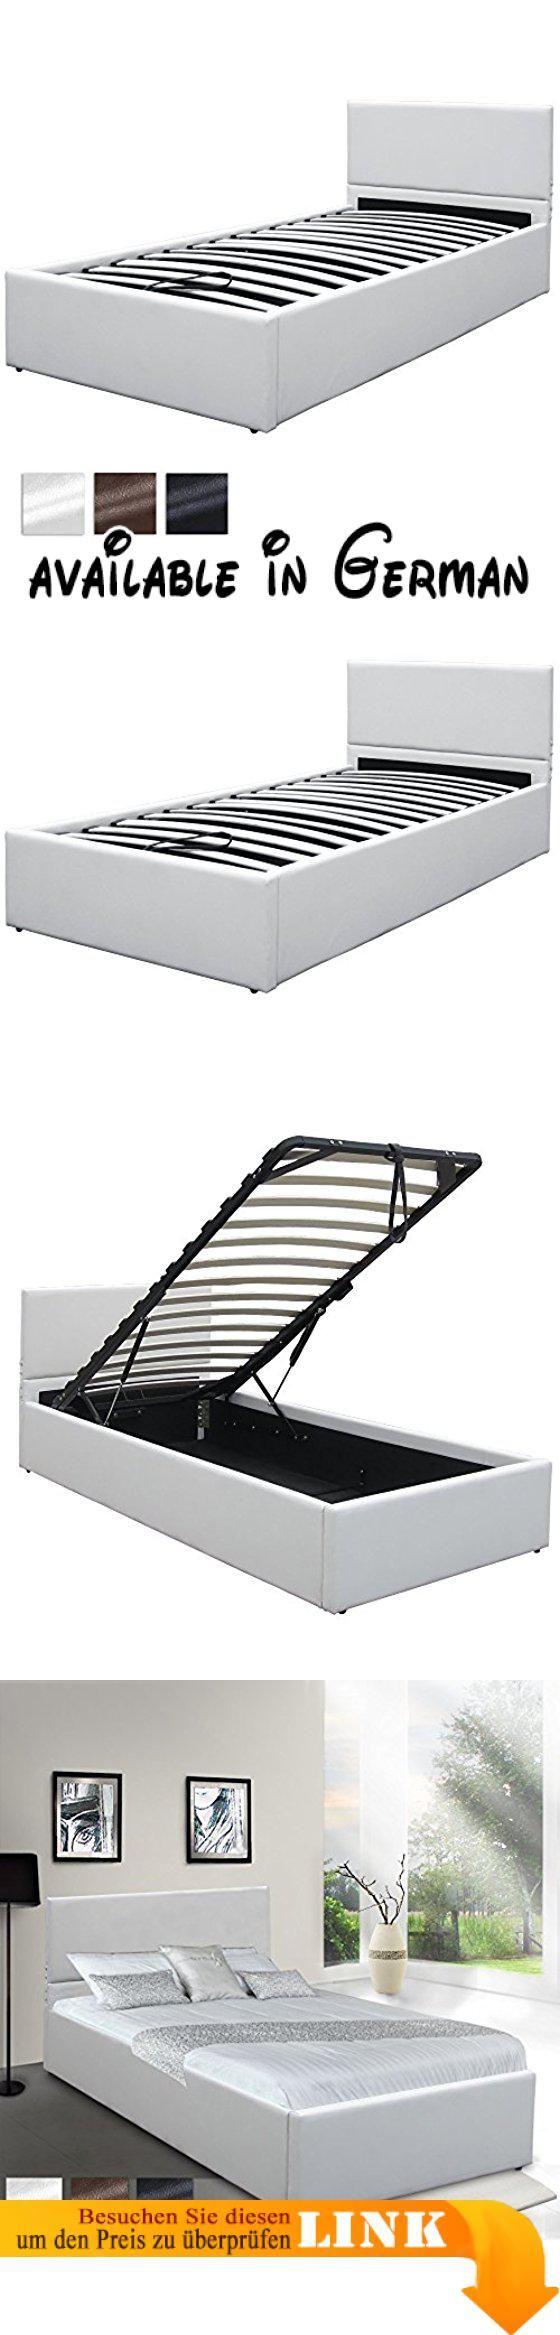 B00SMV4NQ6 : Kunstlederbett 90x200 cm mit integriertem Lattenrost ...